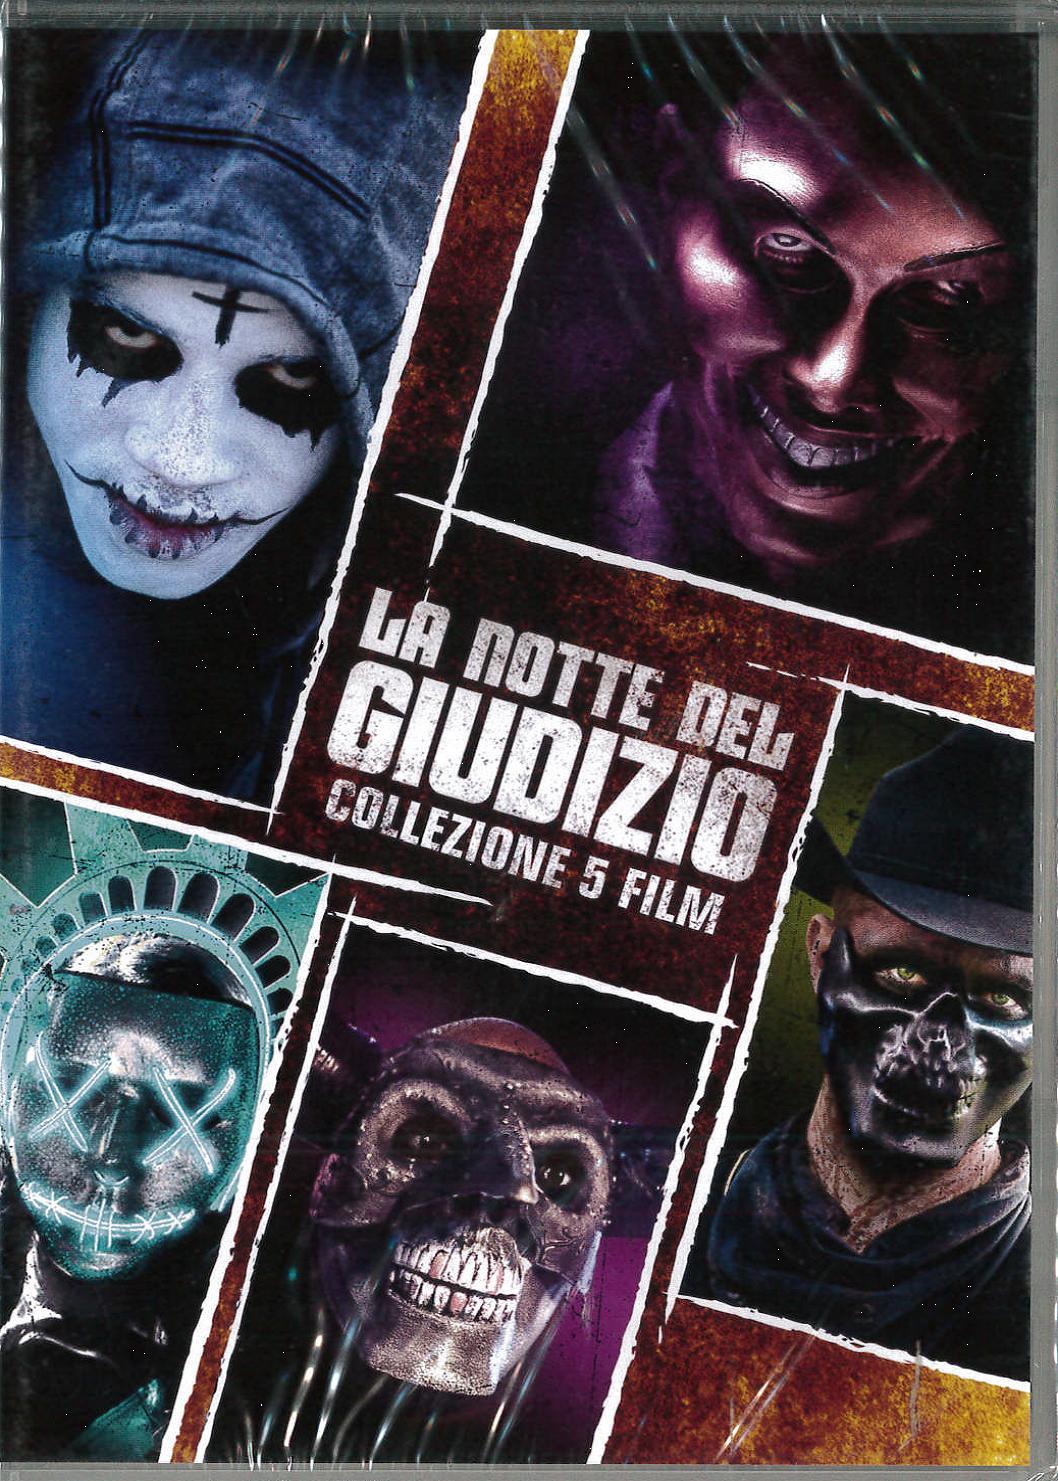 COF.LA NOTTE DEL GIUDIZIO COLLECTION (5 DVD) (DVD)